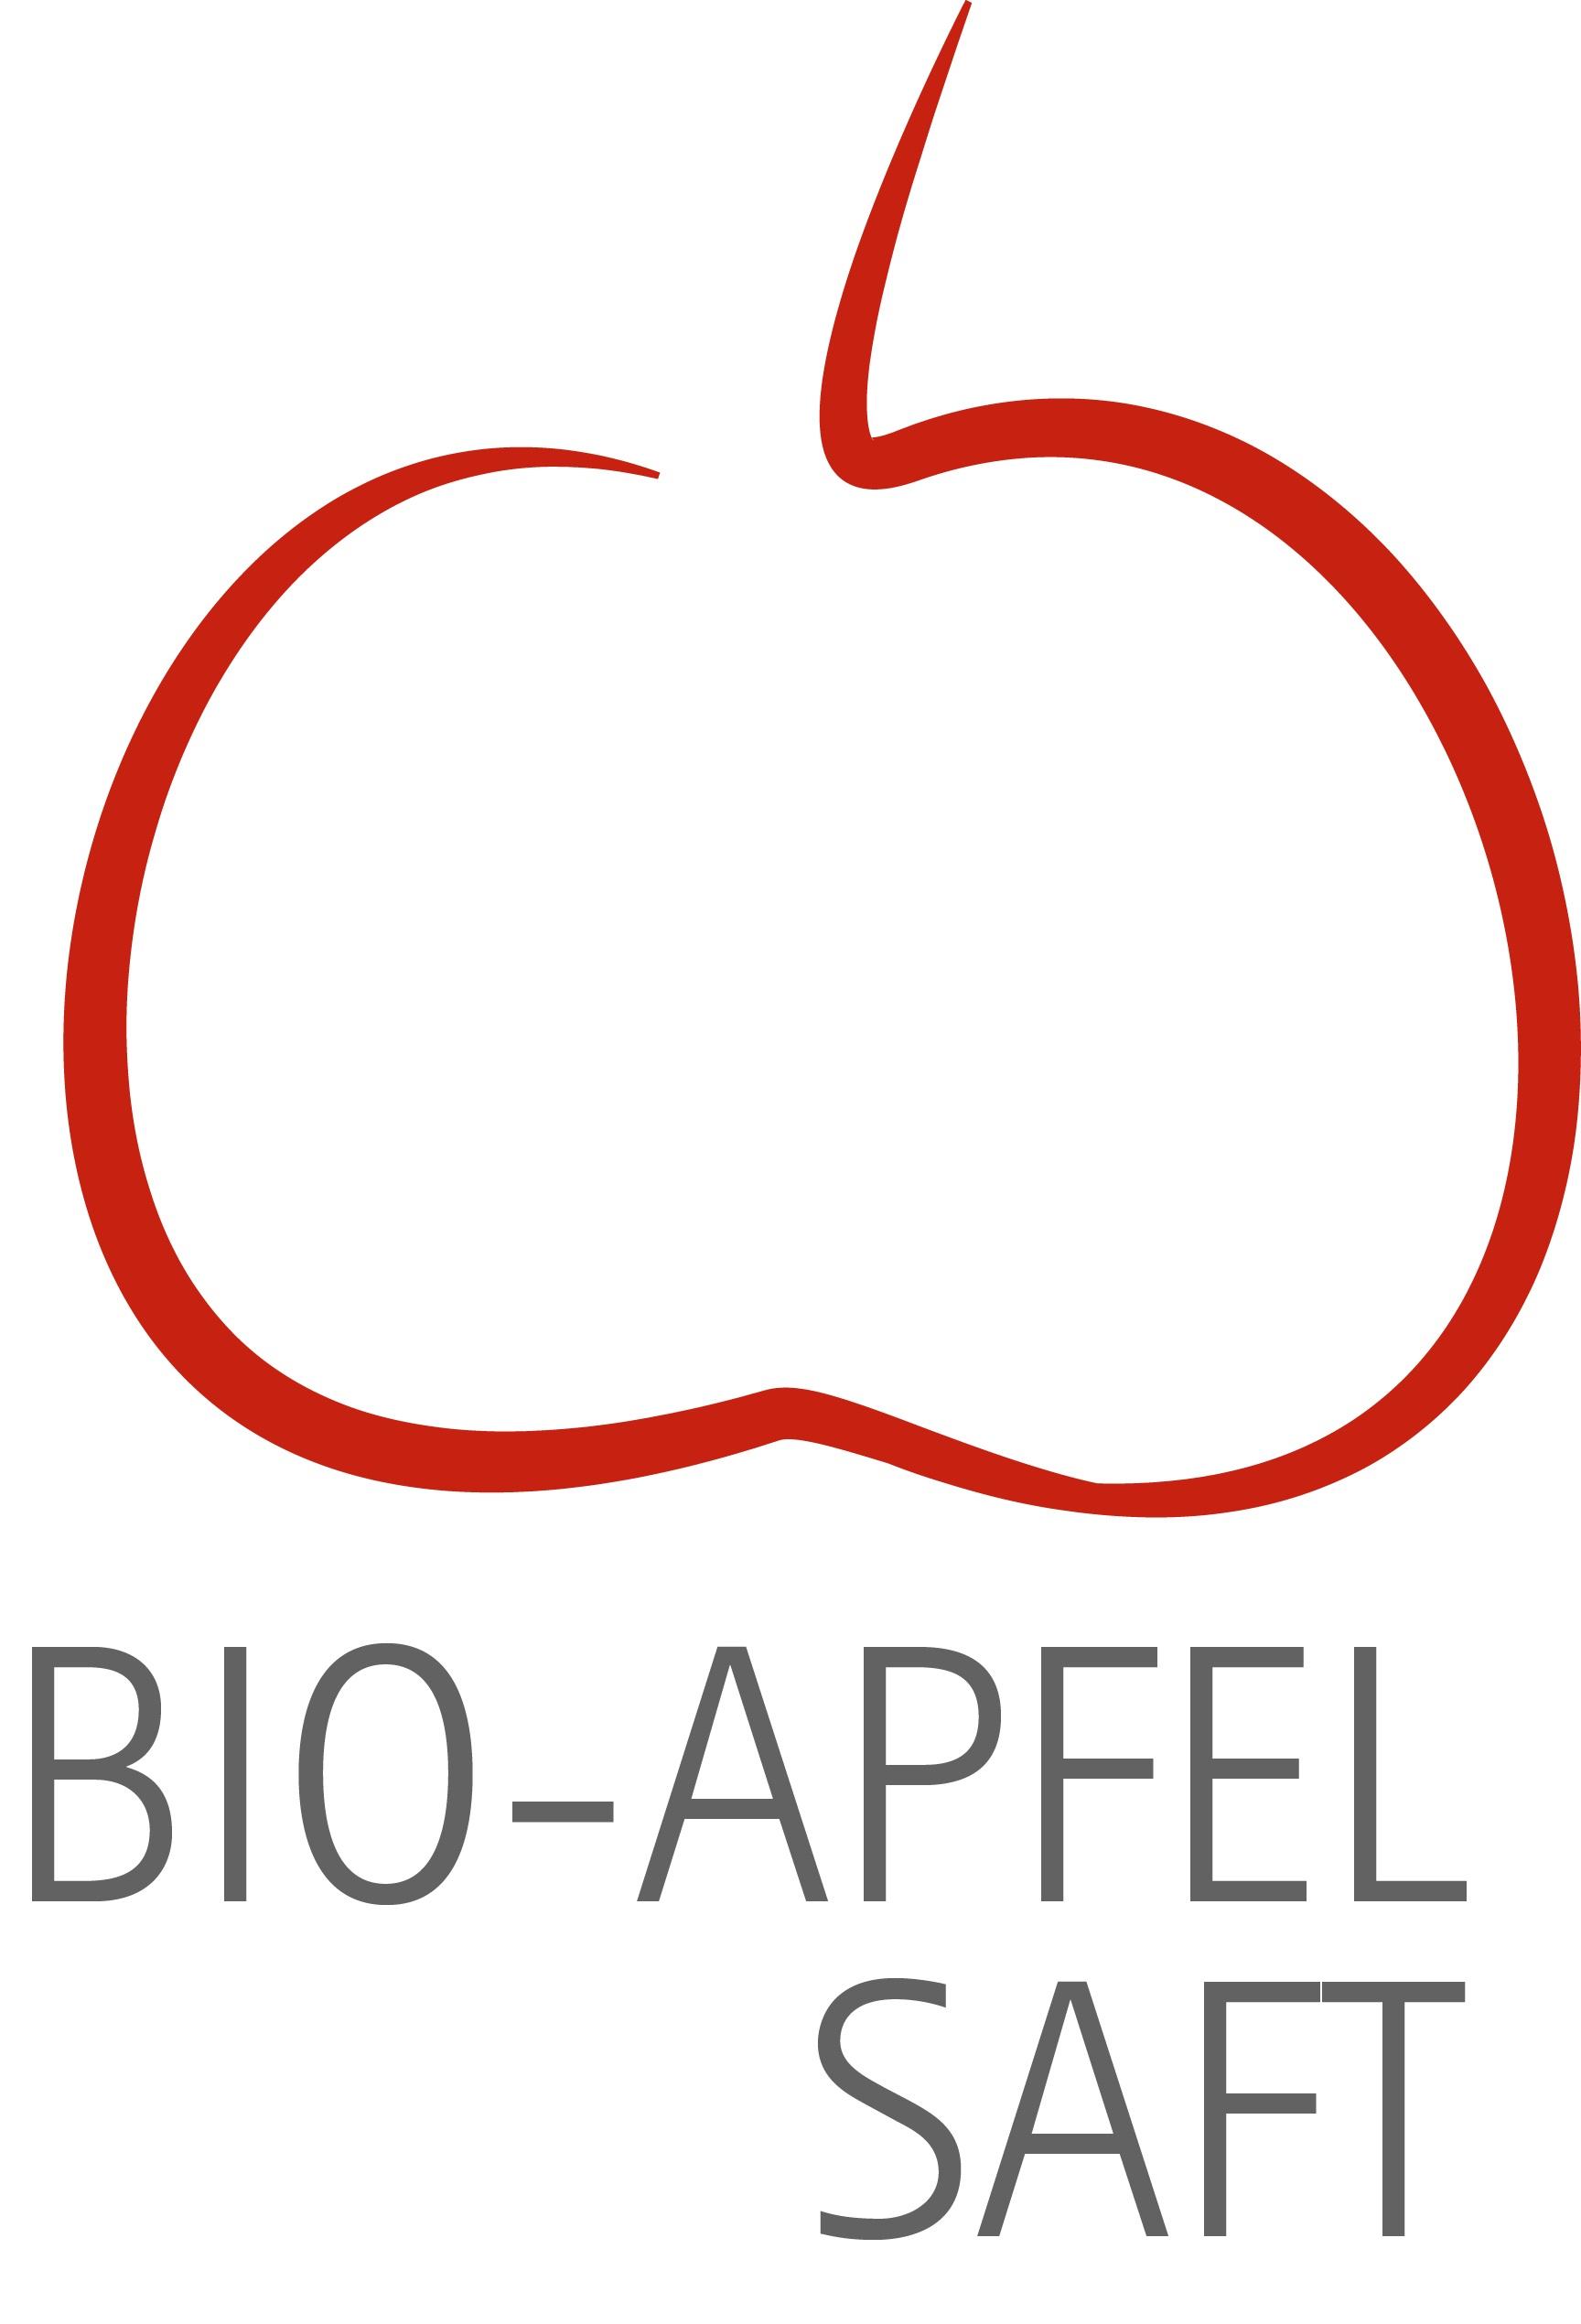 schweighofer_produktlogos-saft-apfel_201218